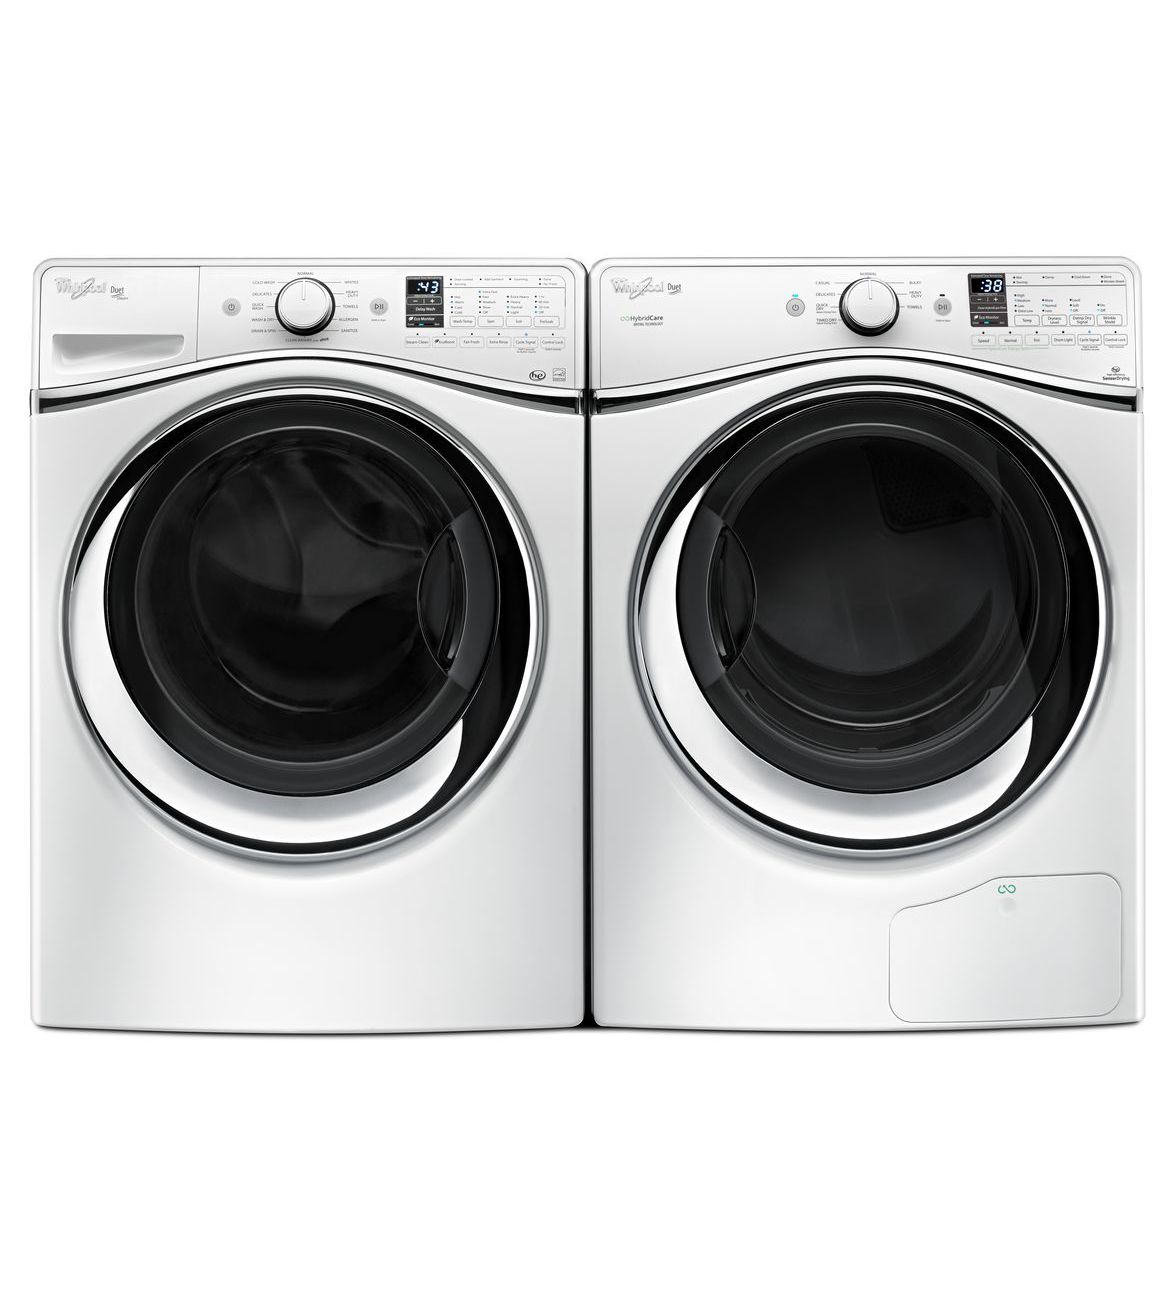 whirl-heat-pump-dryer-side-by-side